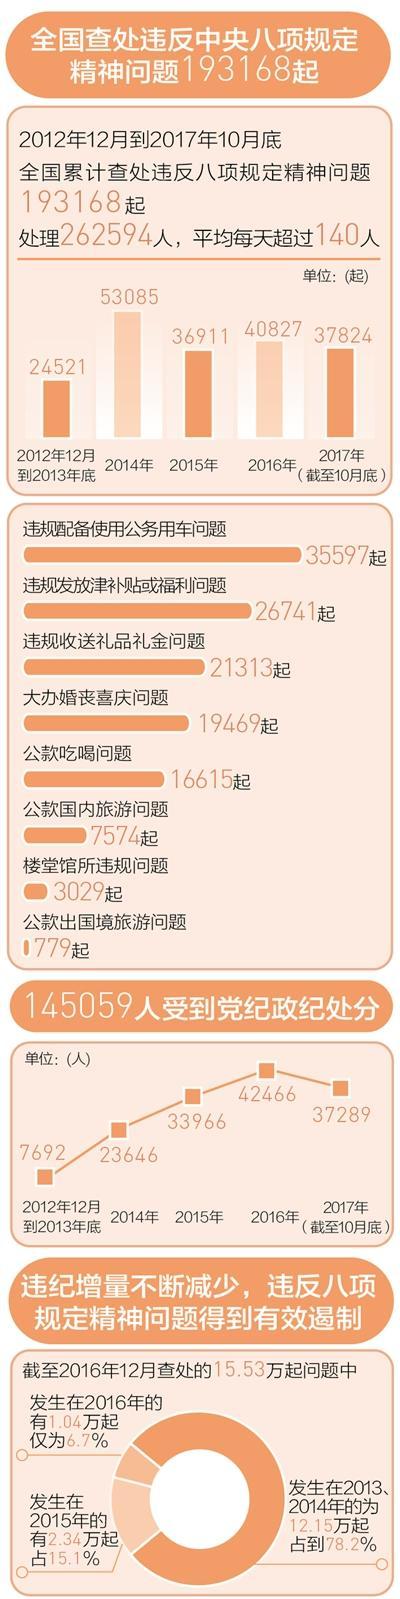 数据来源:中央纪委监察部网站 制图:李姿阅